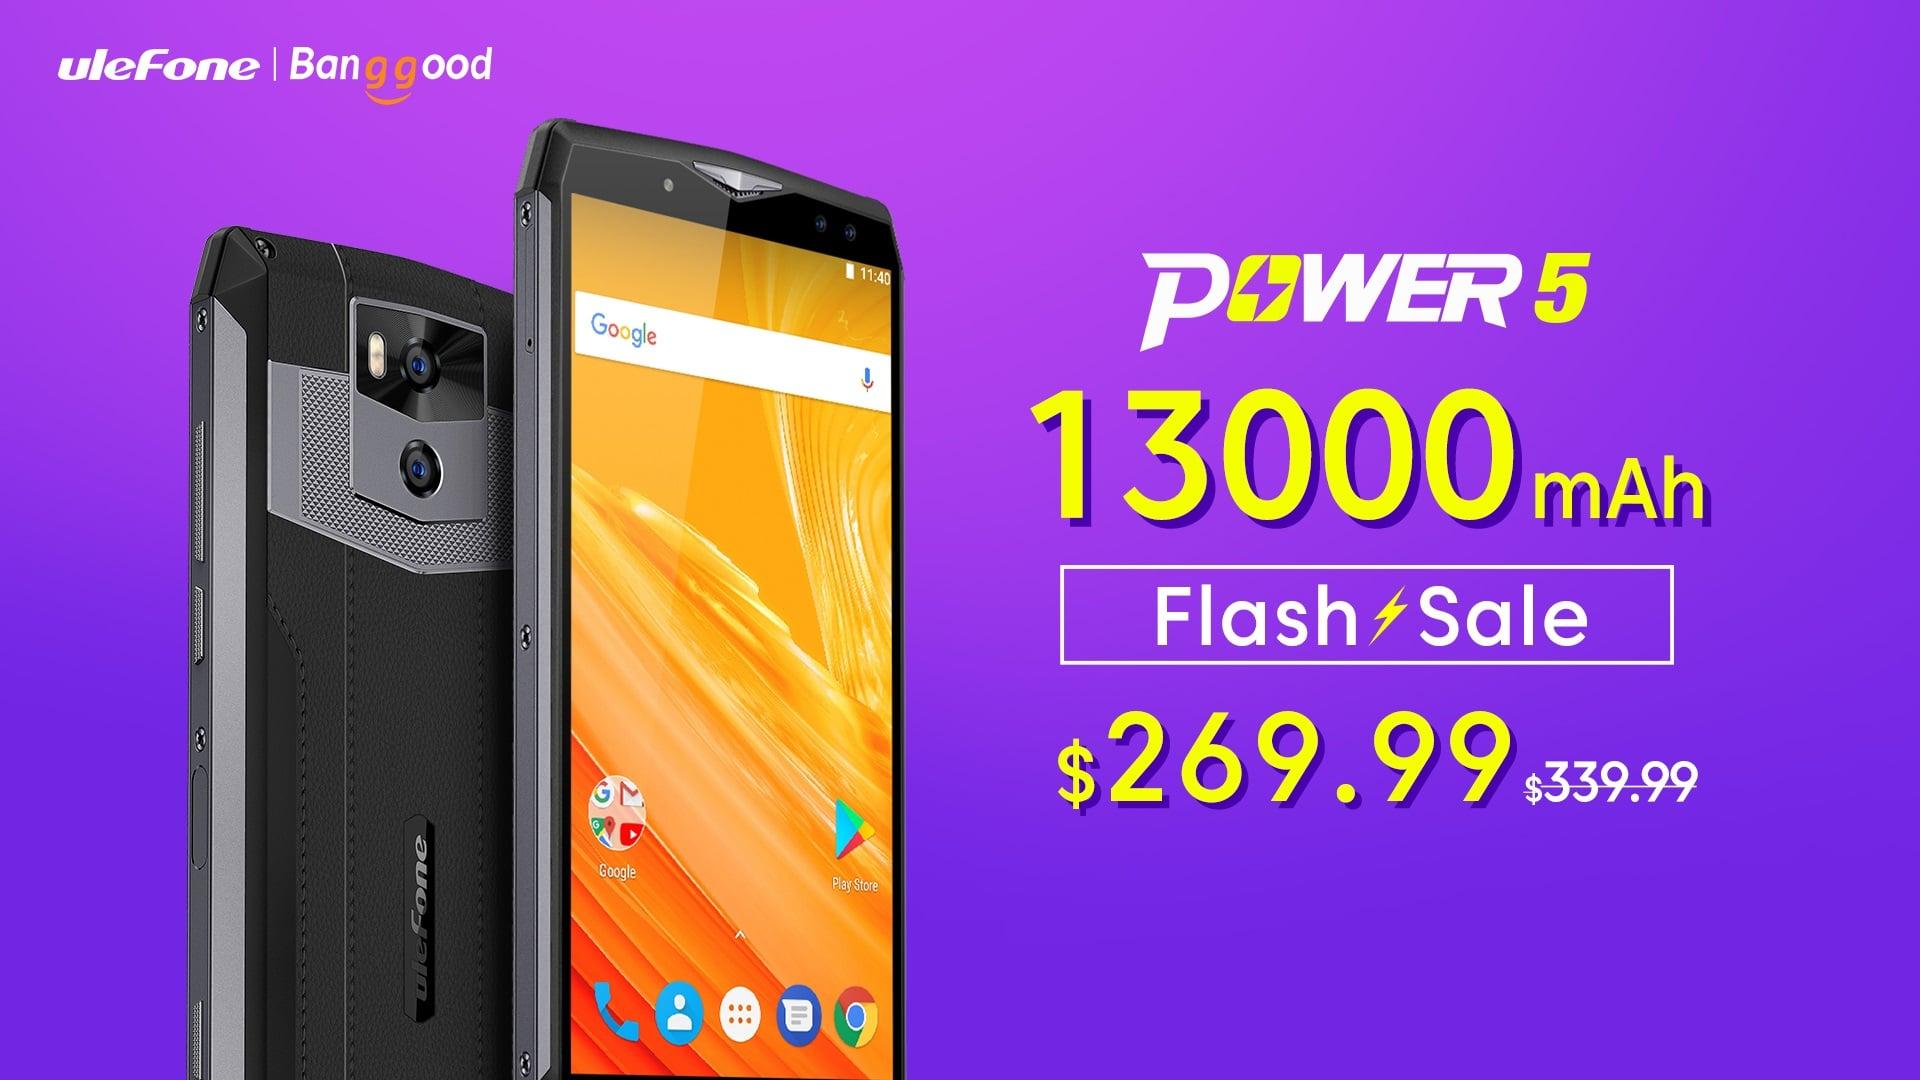 Taka okazja może się nie powtórzyć - Ulefone Power 5 tylko teraz tańszy o 70 dolarów 29